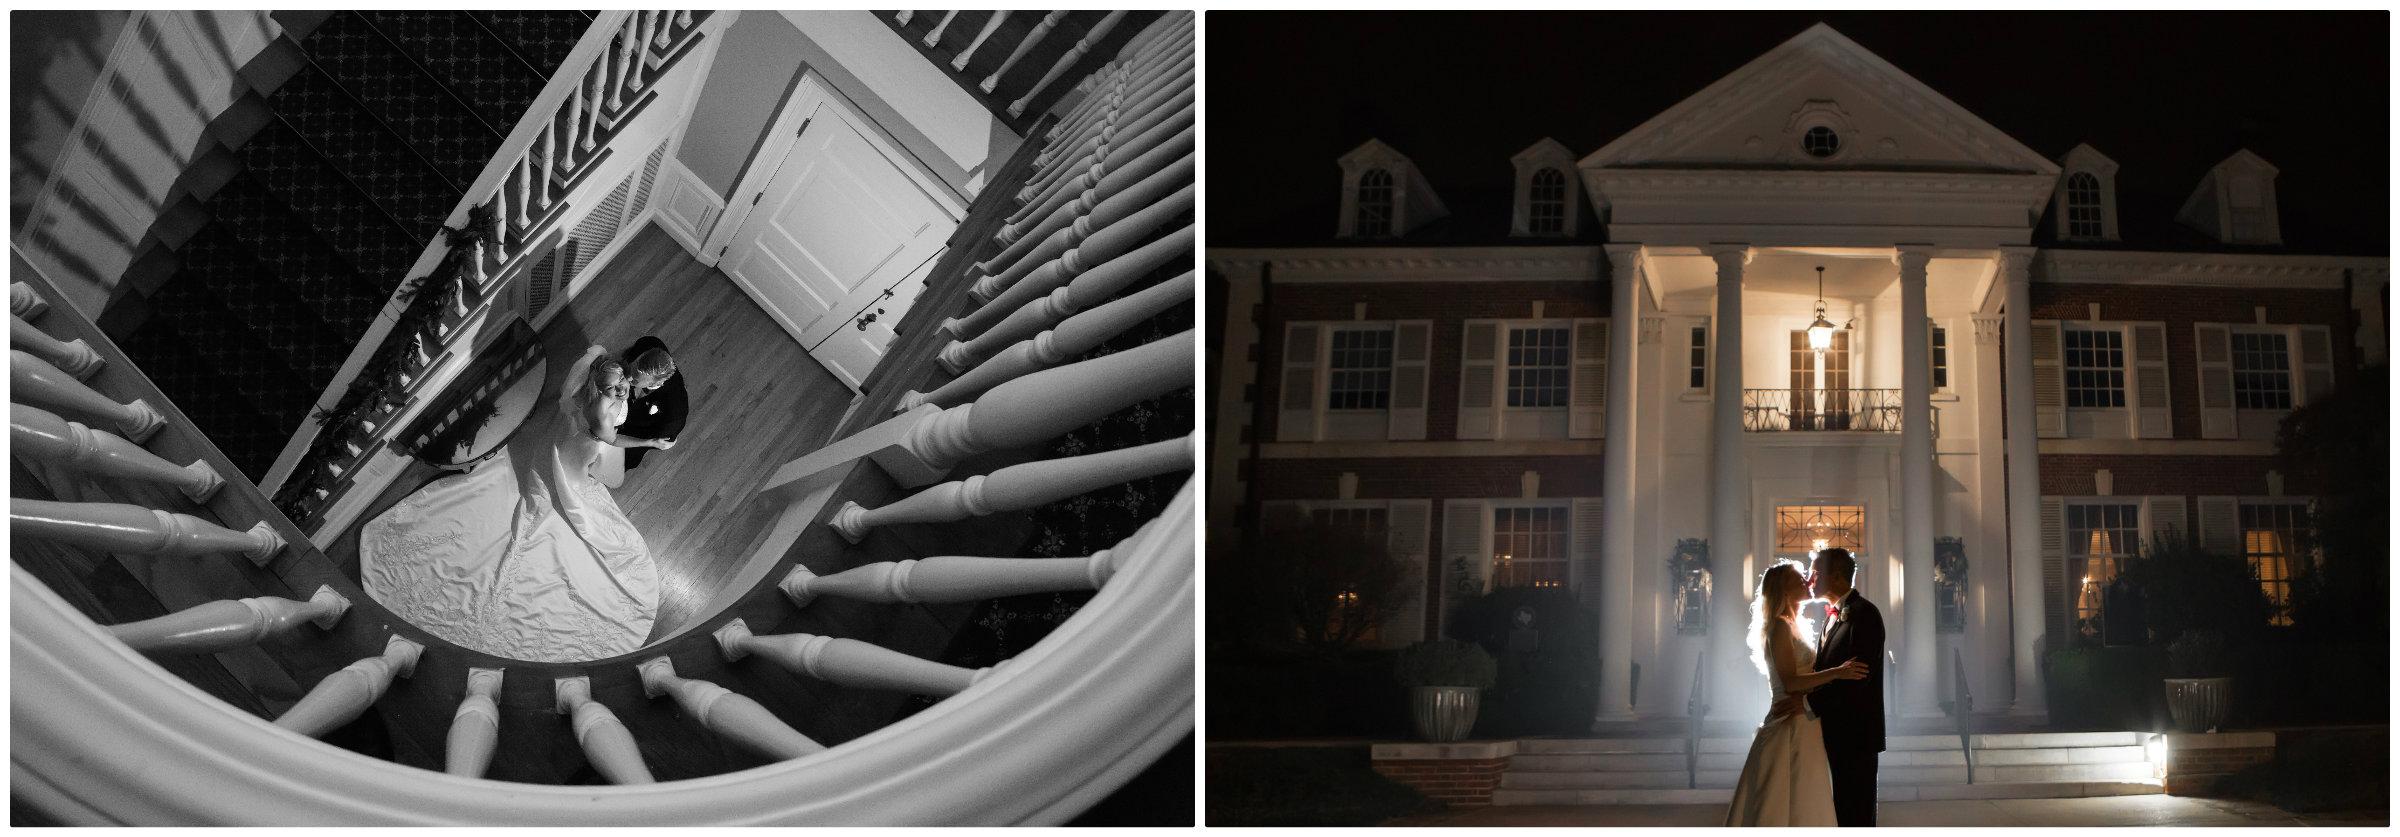 NightShot_Collage